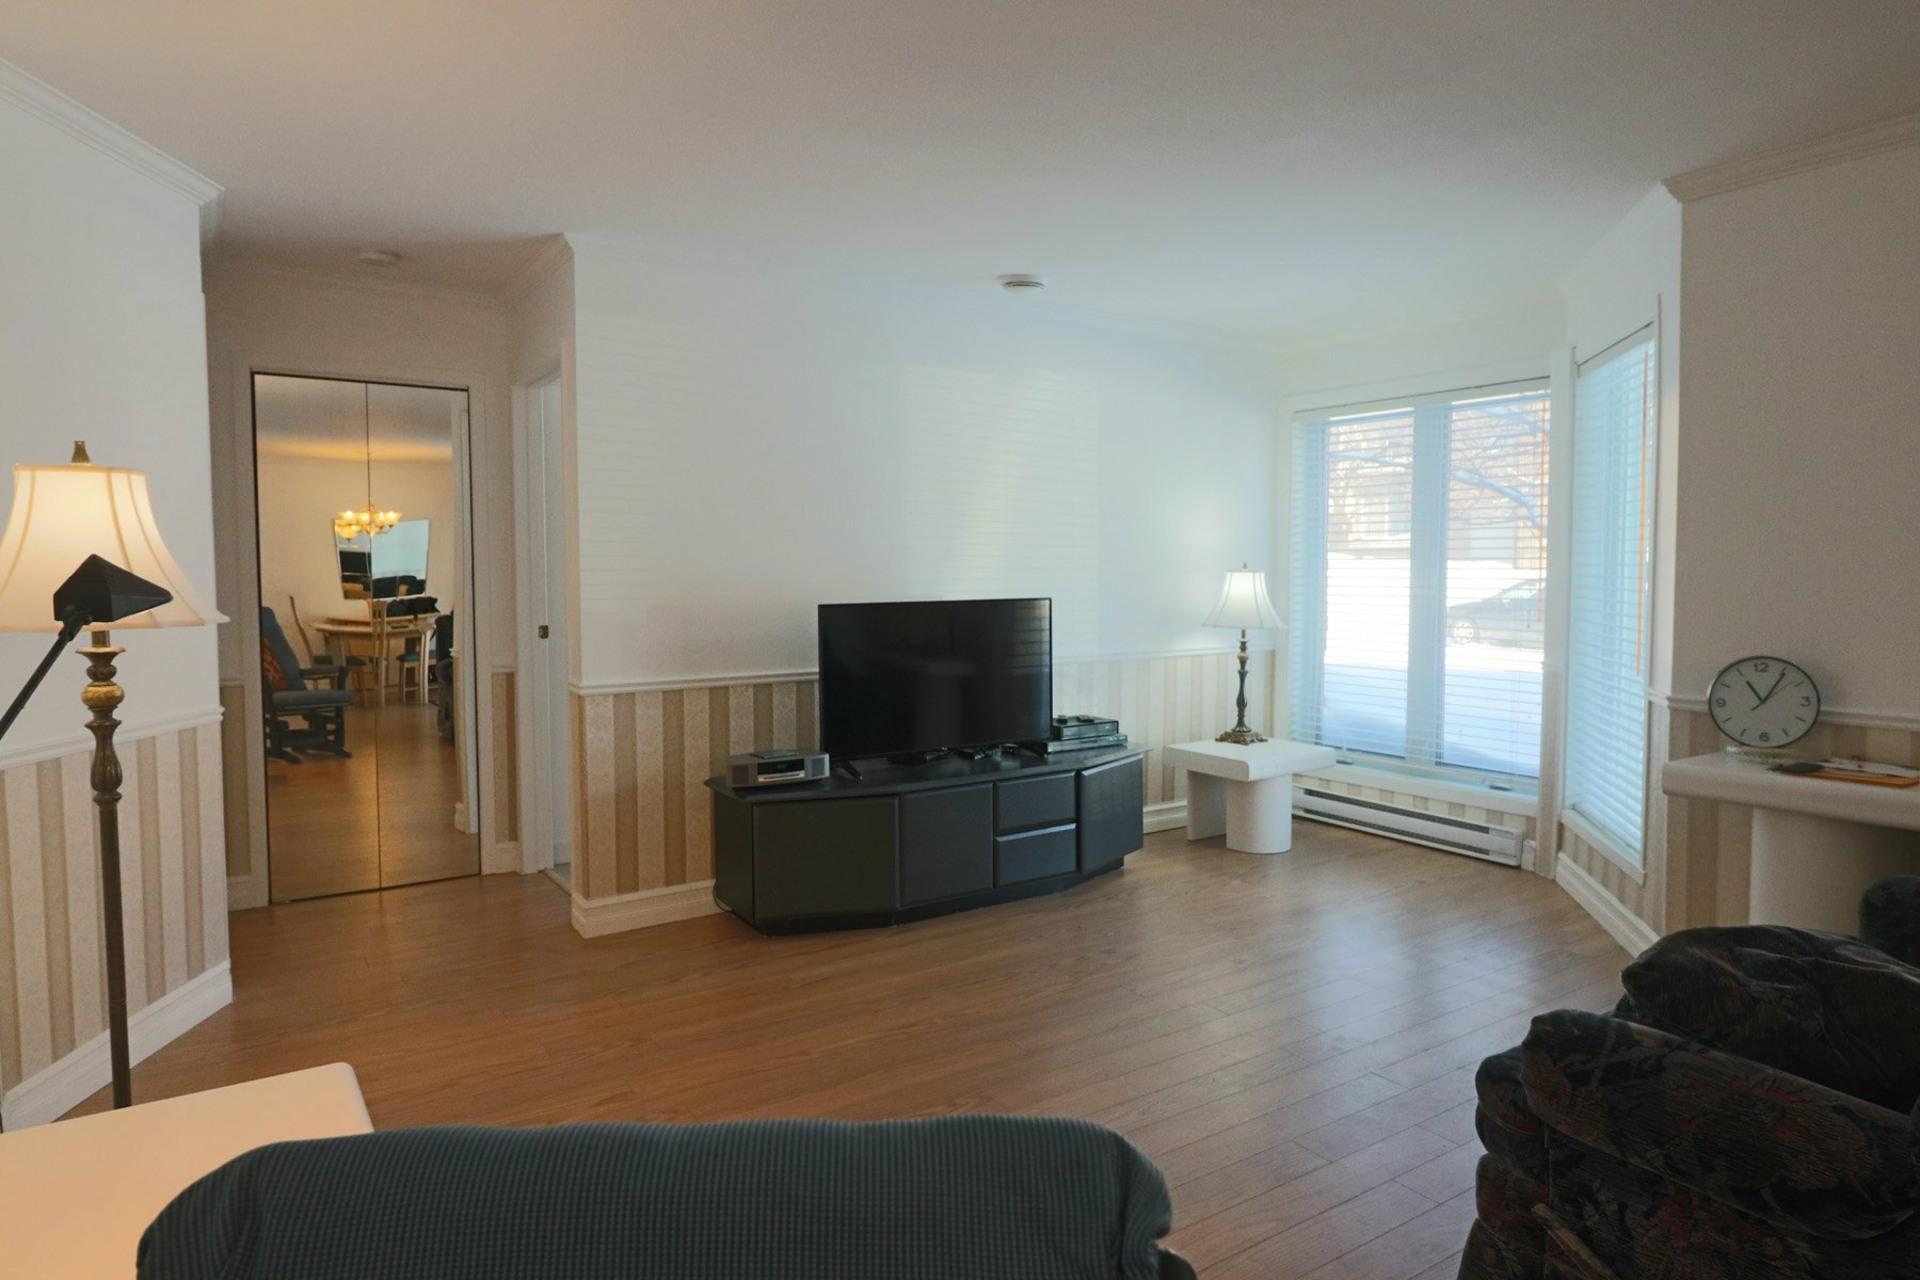 image 2 - Appartement À vendre Trois-Rivières - 8 pièces